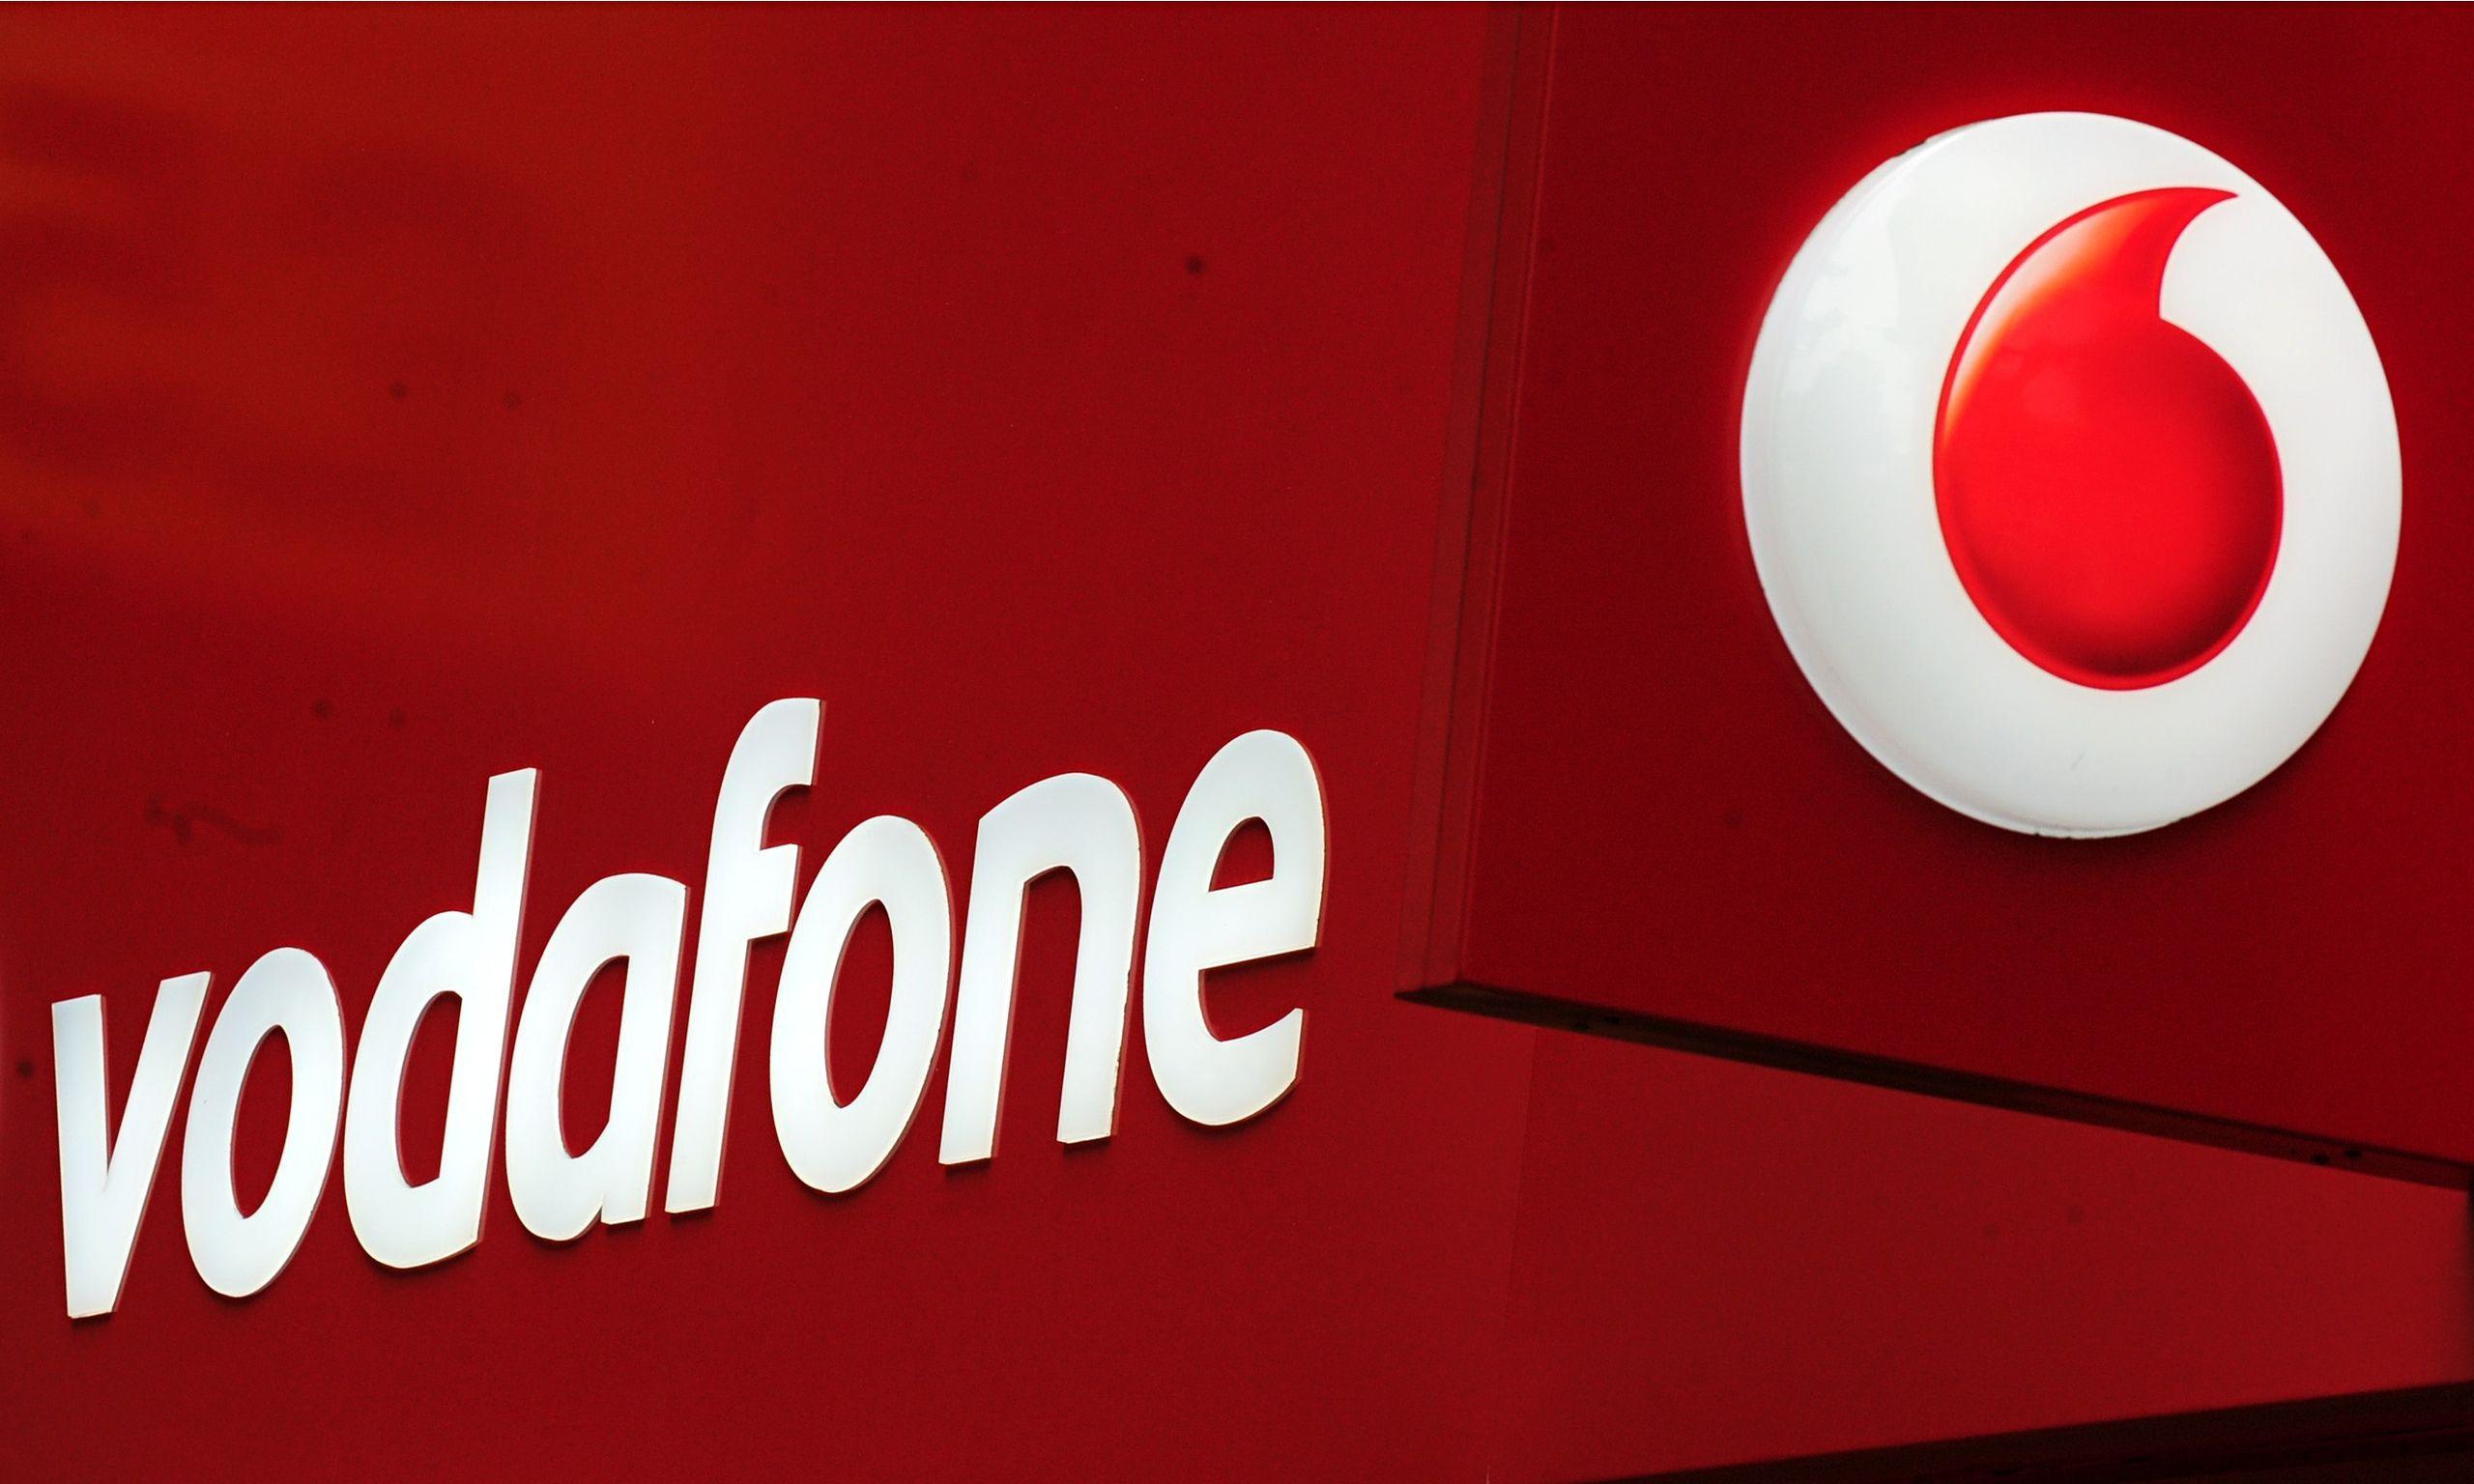 Vodafone: Italia primo paese per richieste di intercettazioni